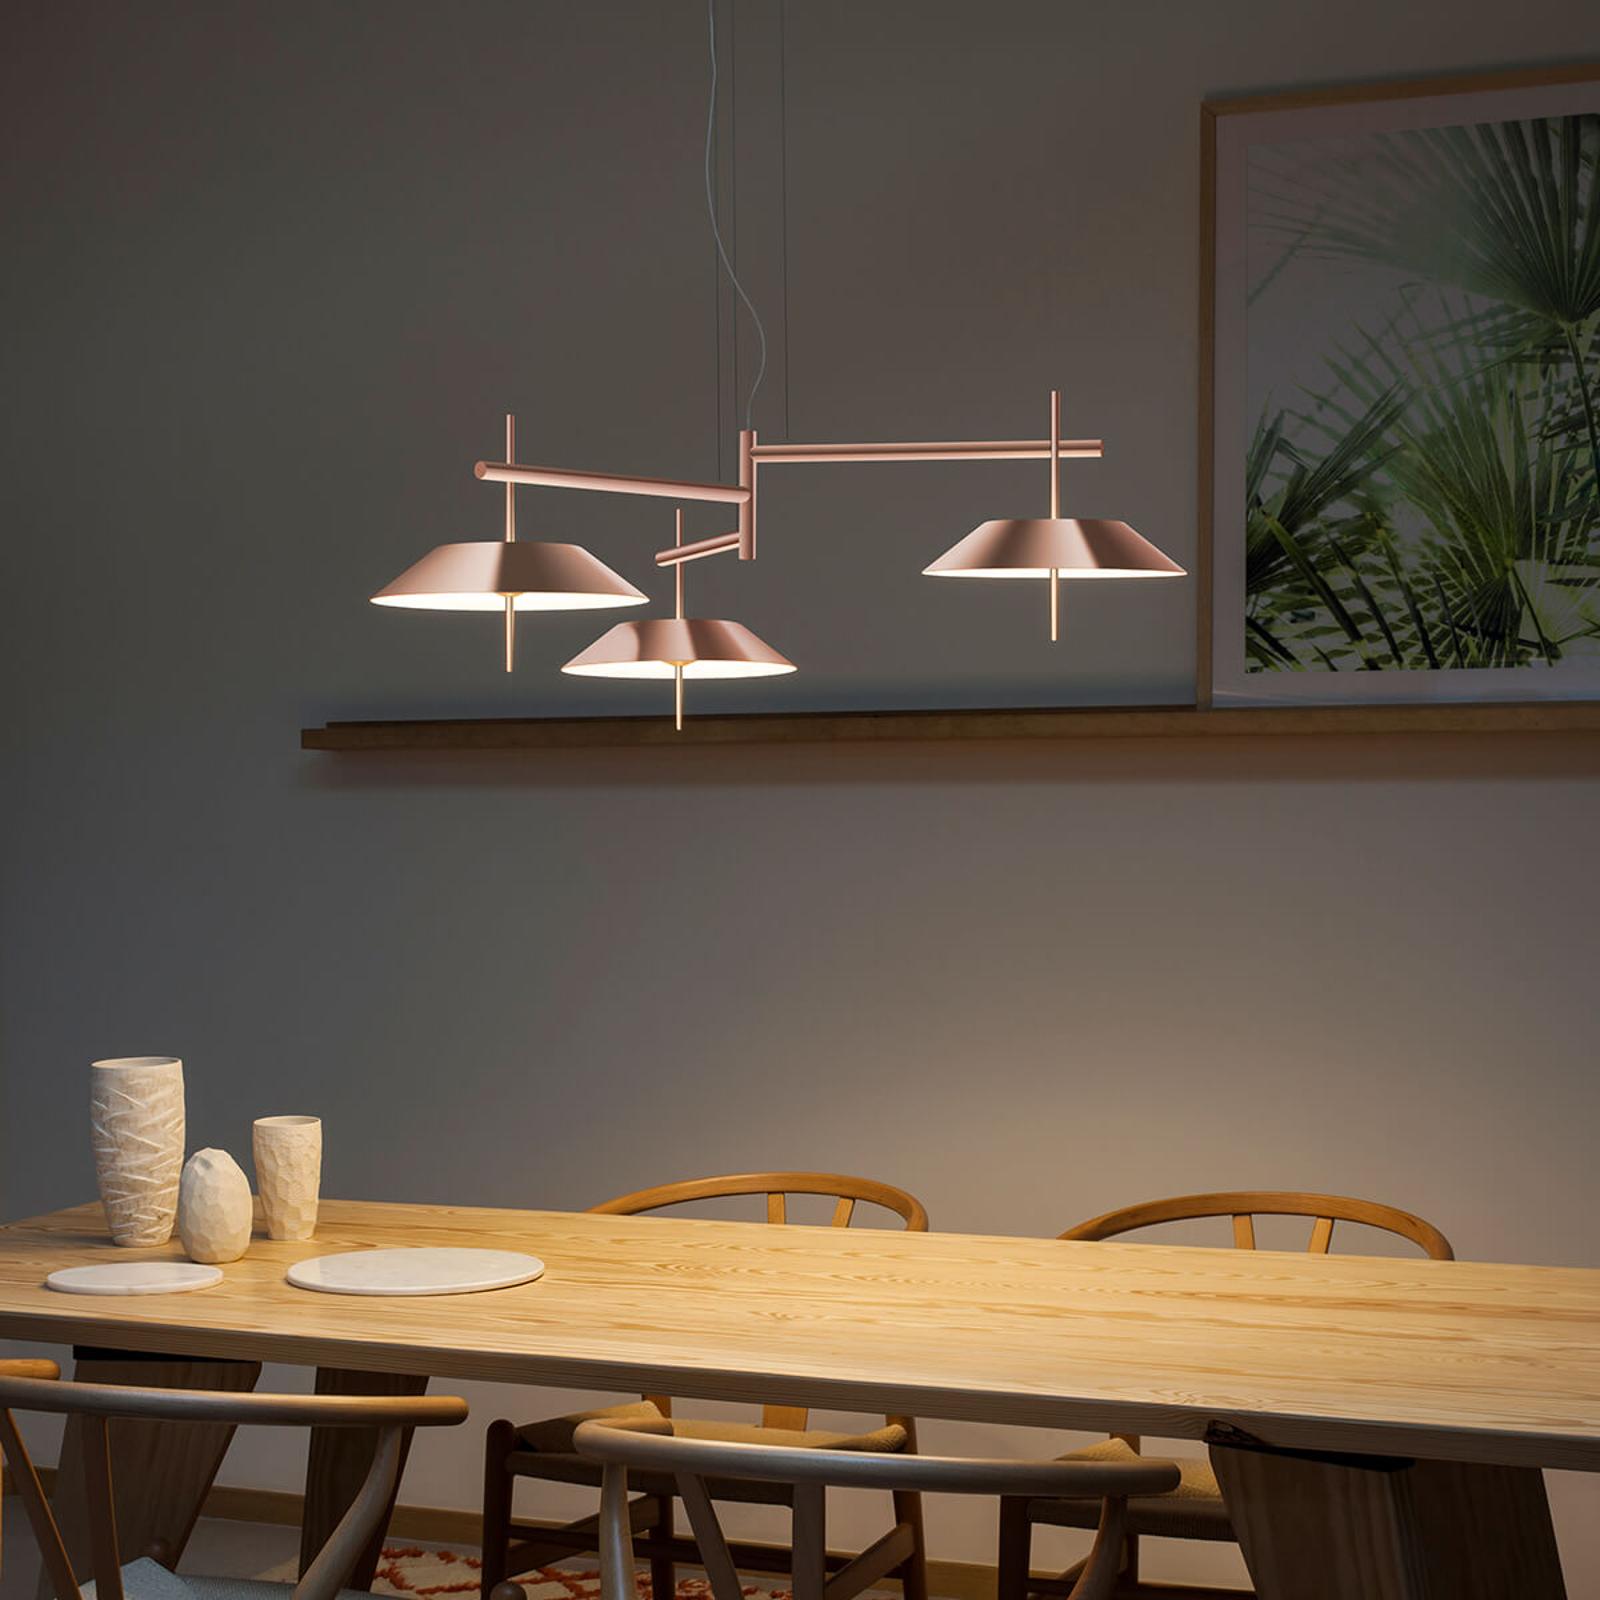 Lampa wisząca LED Mayfair, trzypunktowa, miedź